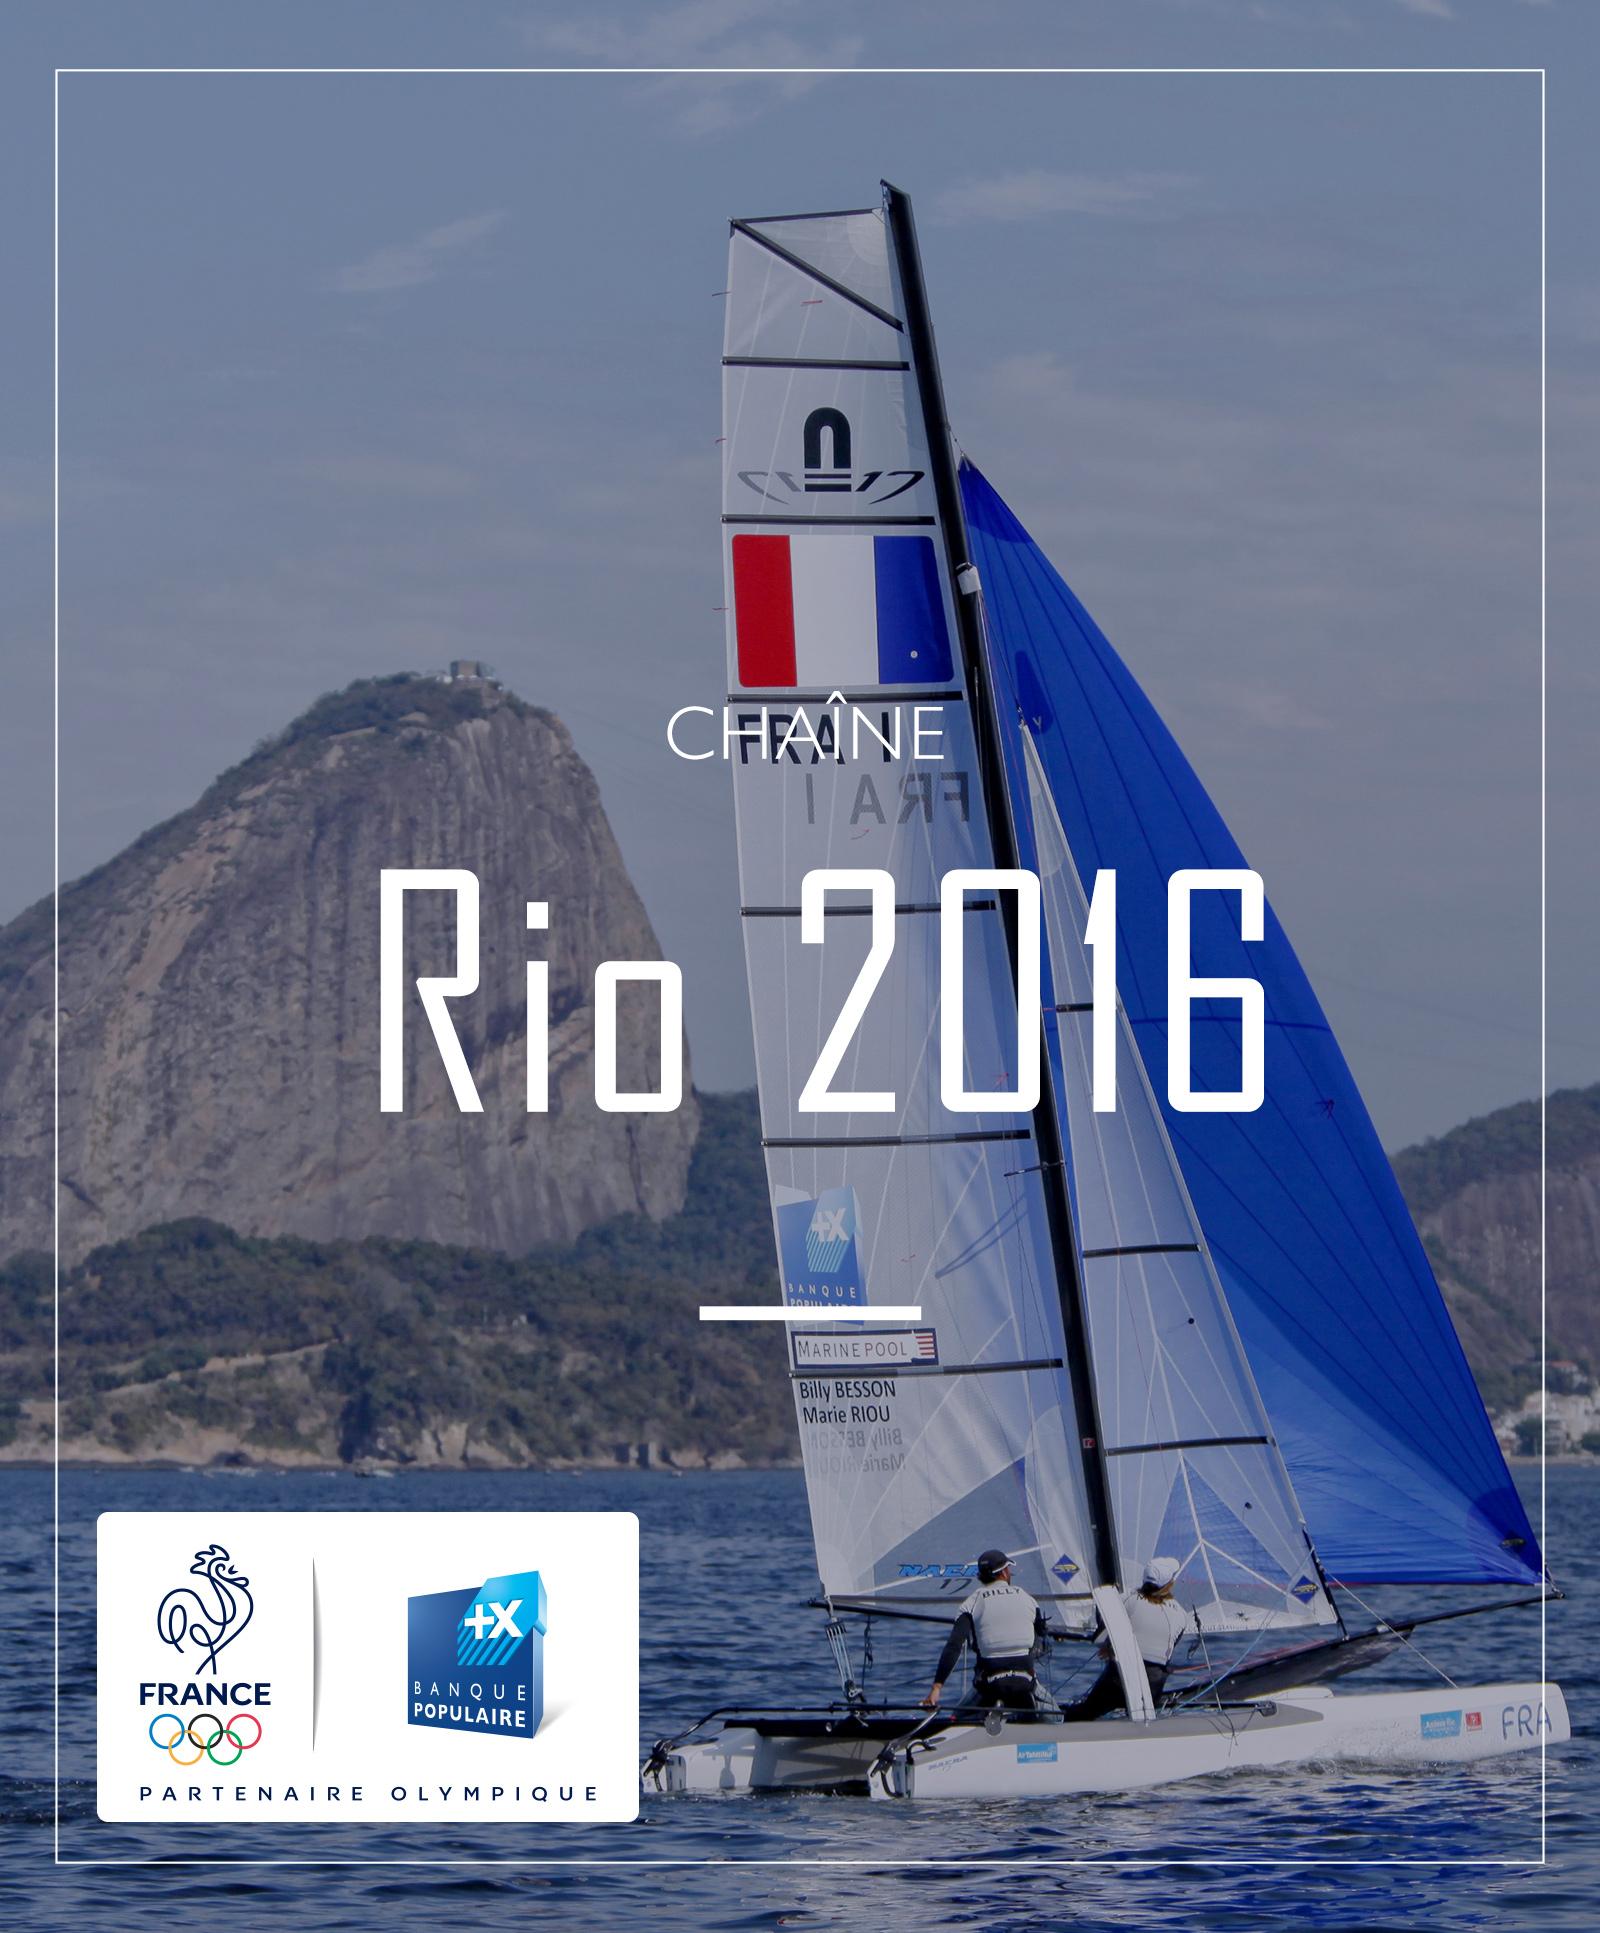 chaine RIO 2016